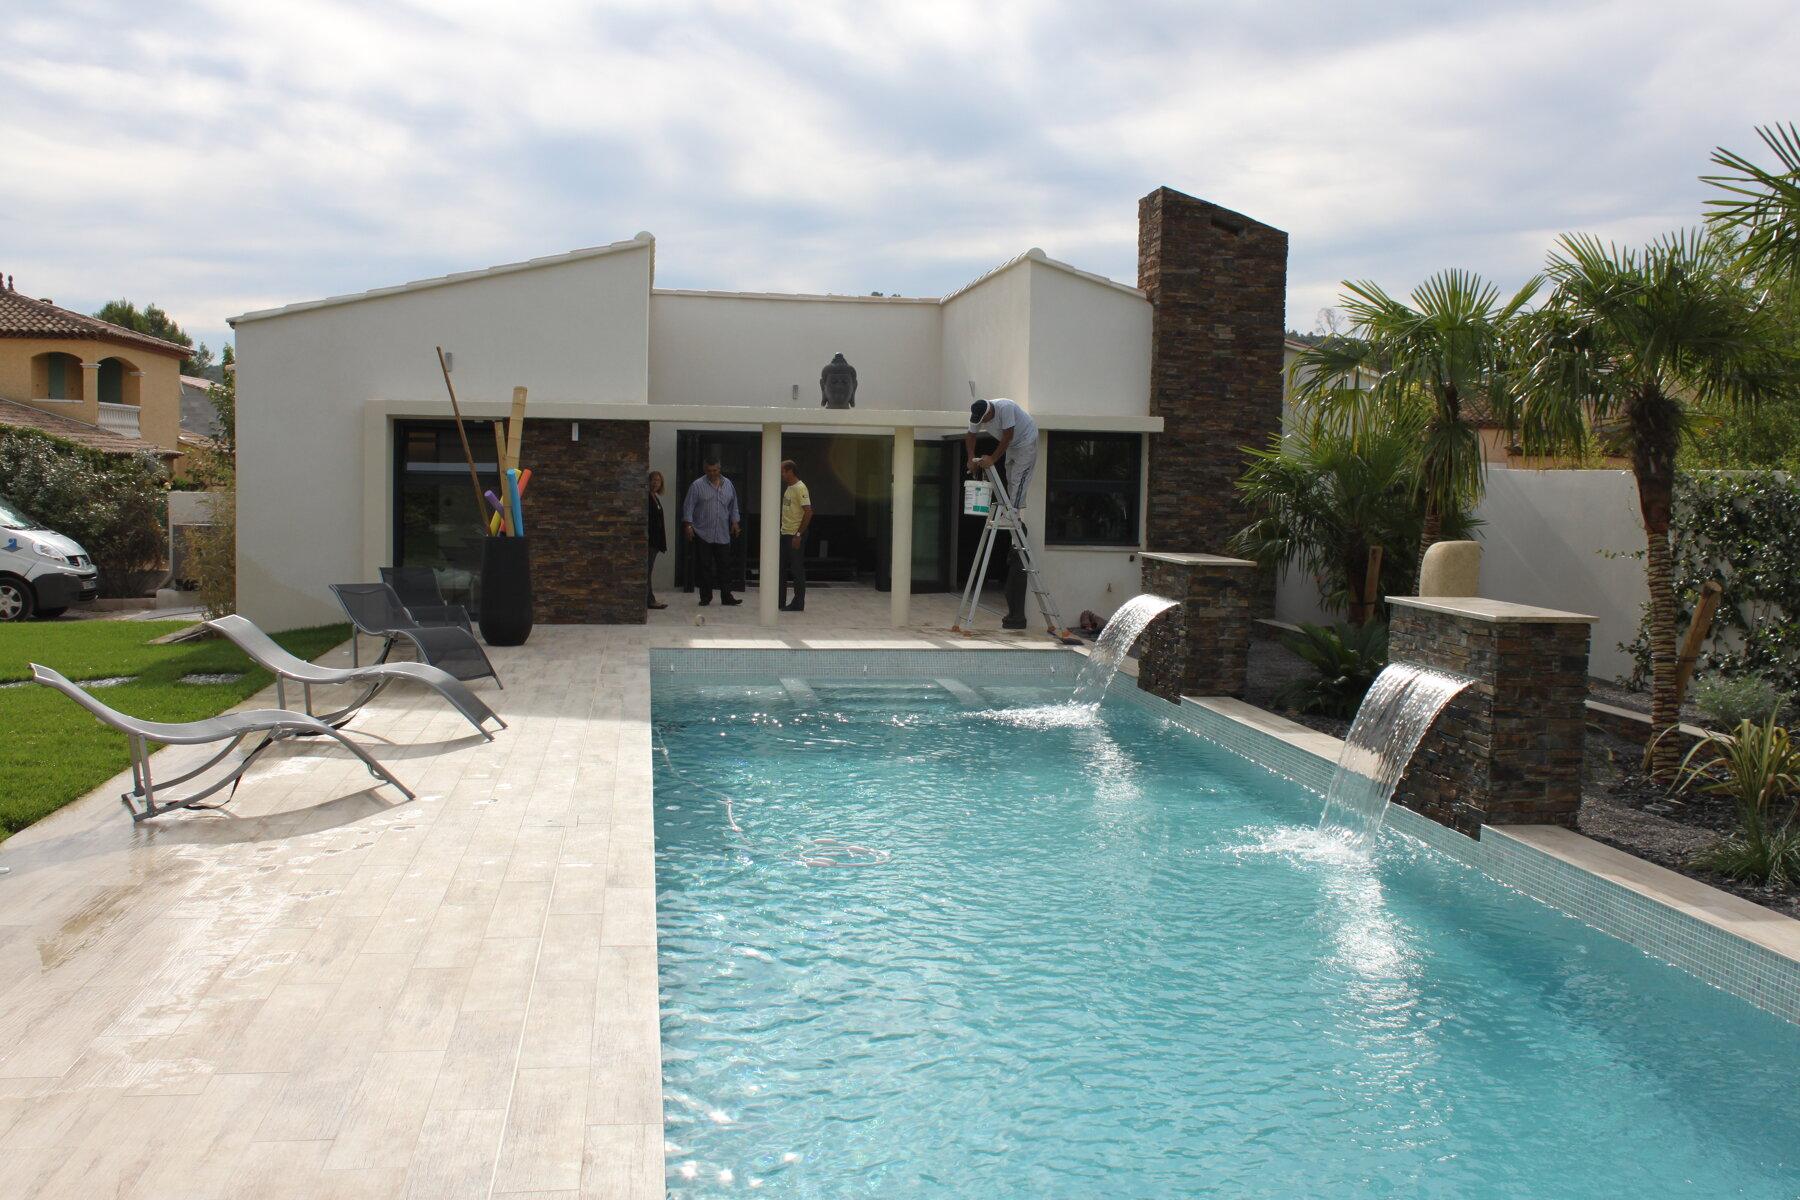 Piscine et pool house D